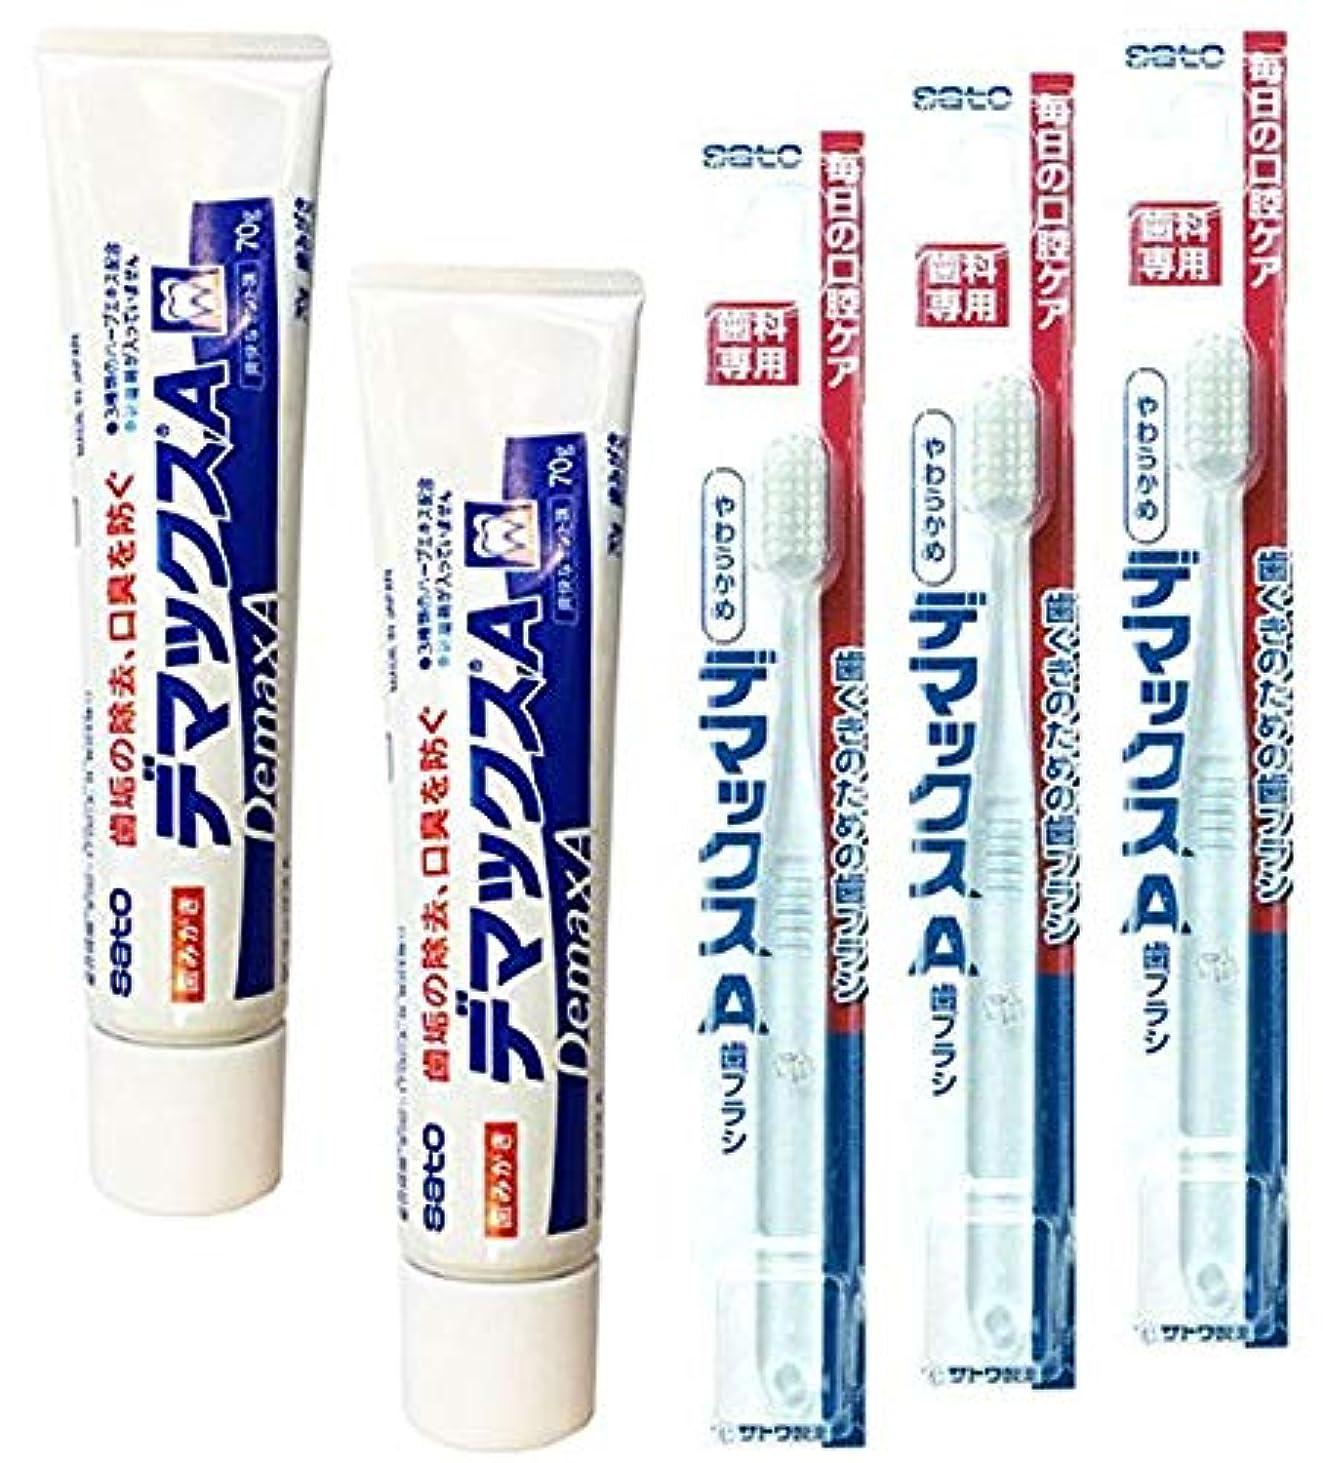 アームストロング深さ誰でも佐藤製薬 デマックスA 歯磨き粉(70g) 2個 + デマックスA 歯ブラシ 3本 セット